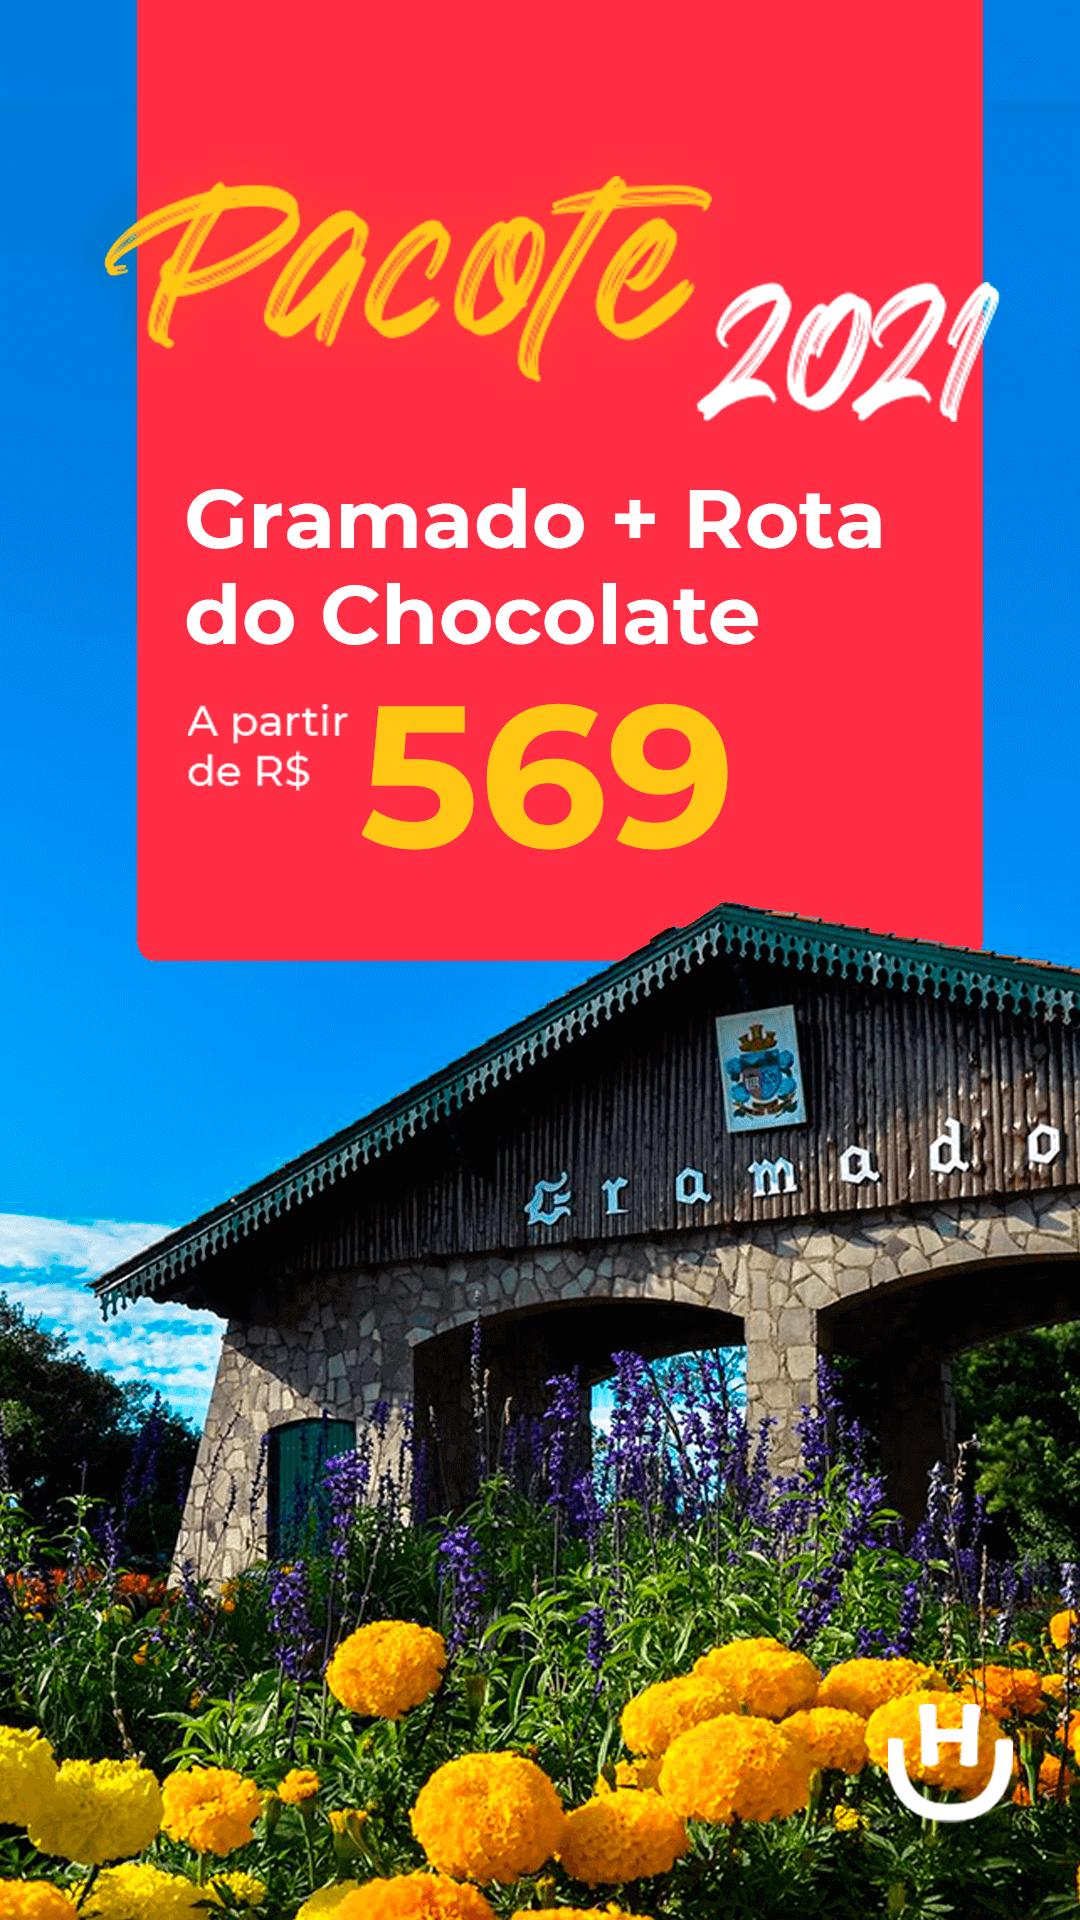 pacote gramado rota do chocolate segundo semestre 2021